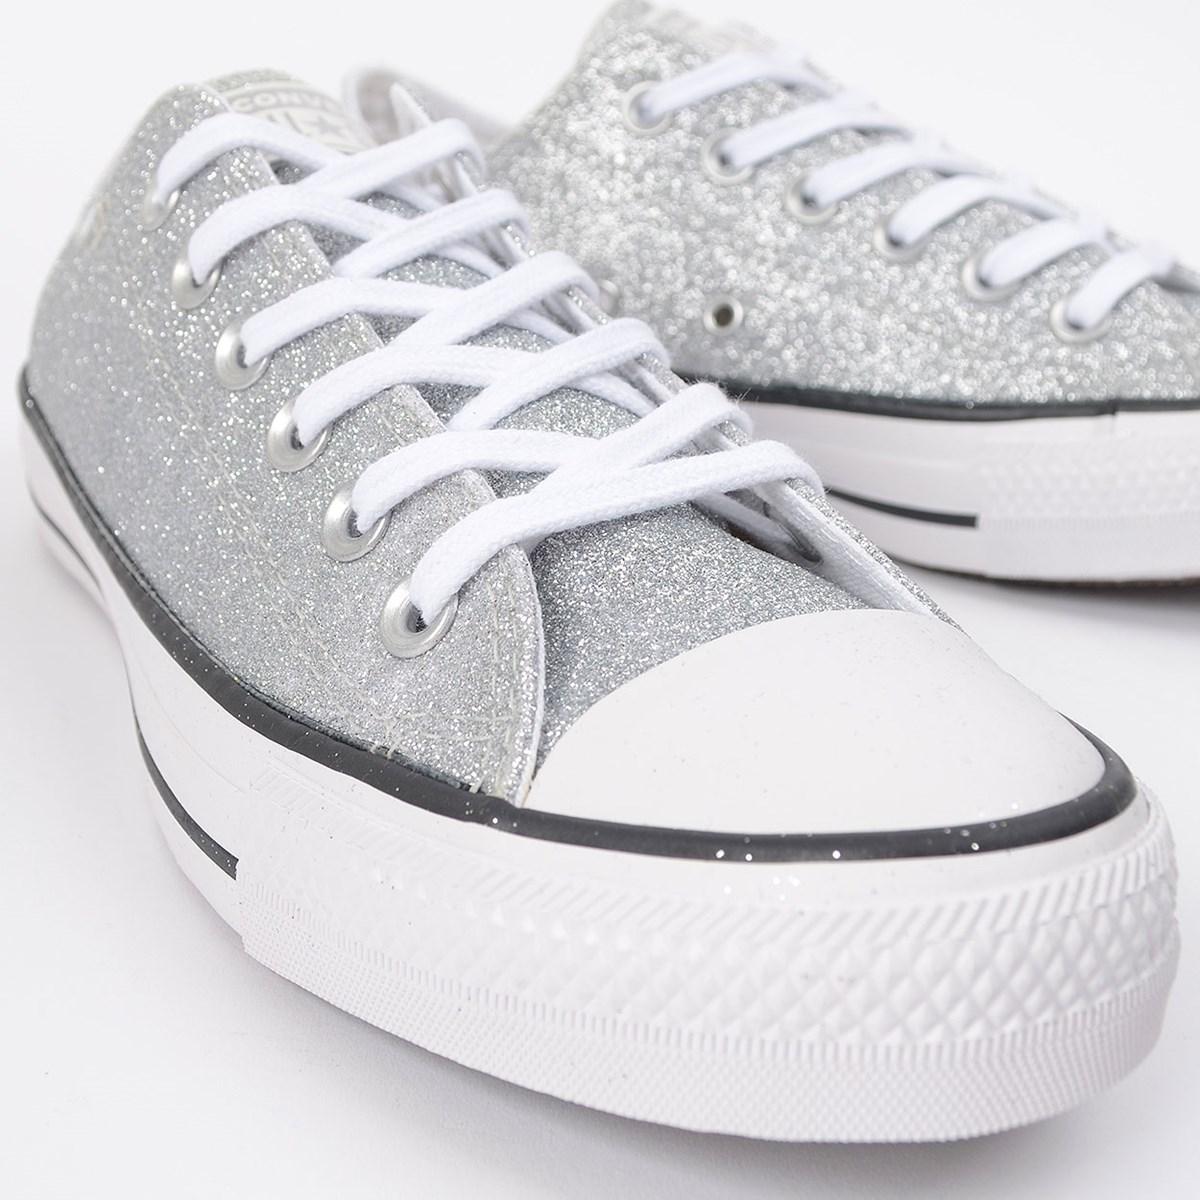 Tênis Converse Chuck Taylor All Star Ox Prata Glitter CT14630001